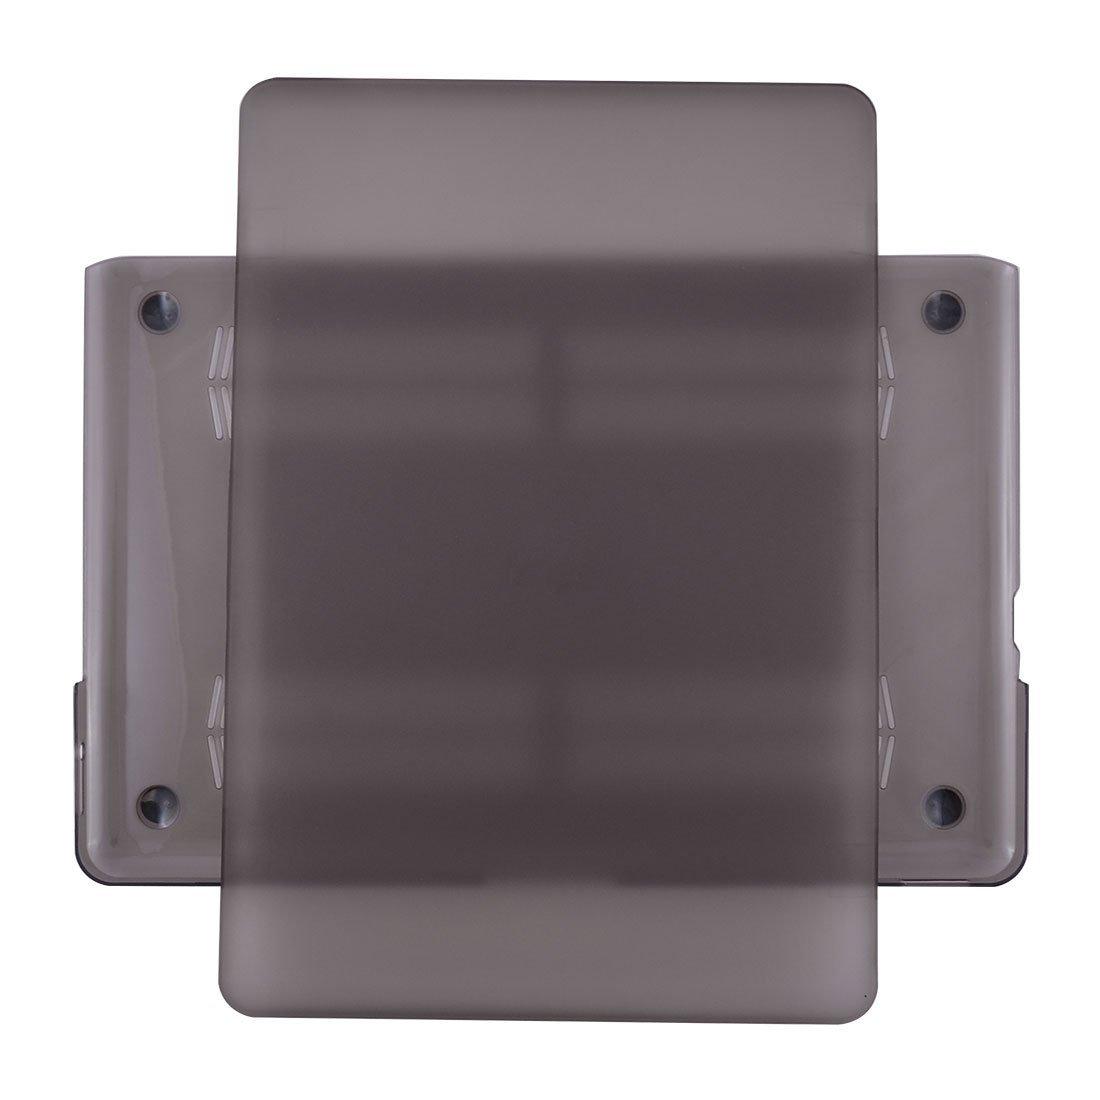 Amazon.com: eDealMax portátil PC del desgaste del plástico Protector Duro caso de la cubierta de Shell gris Para MacBook Pro DE 15 pulgadas: Electronics